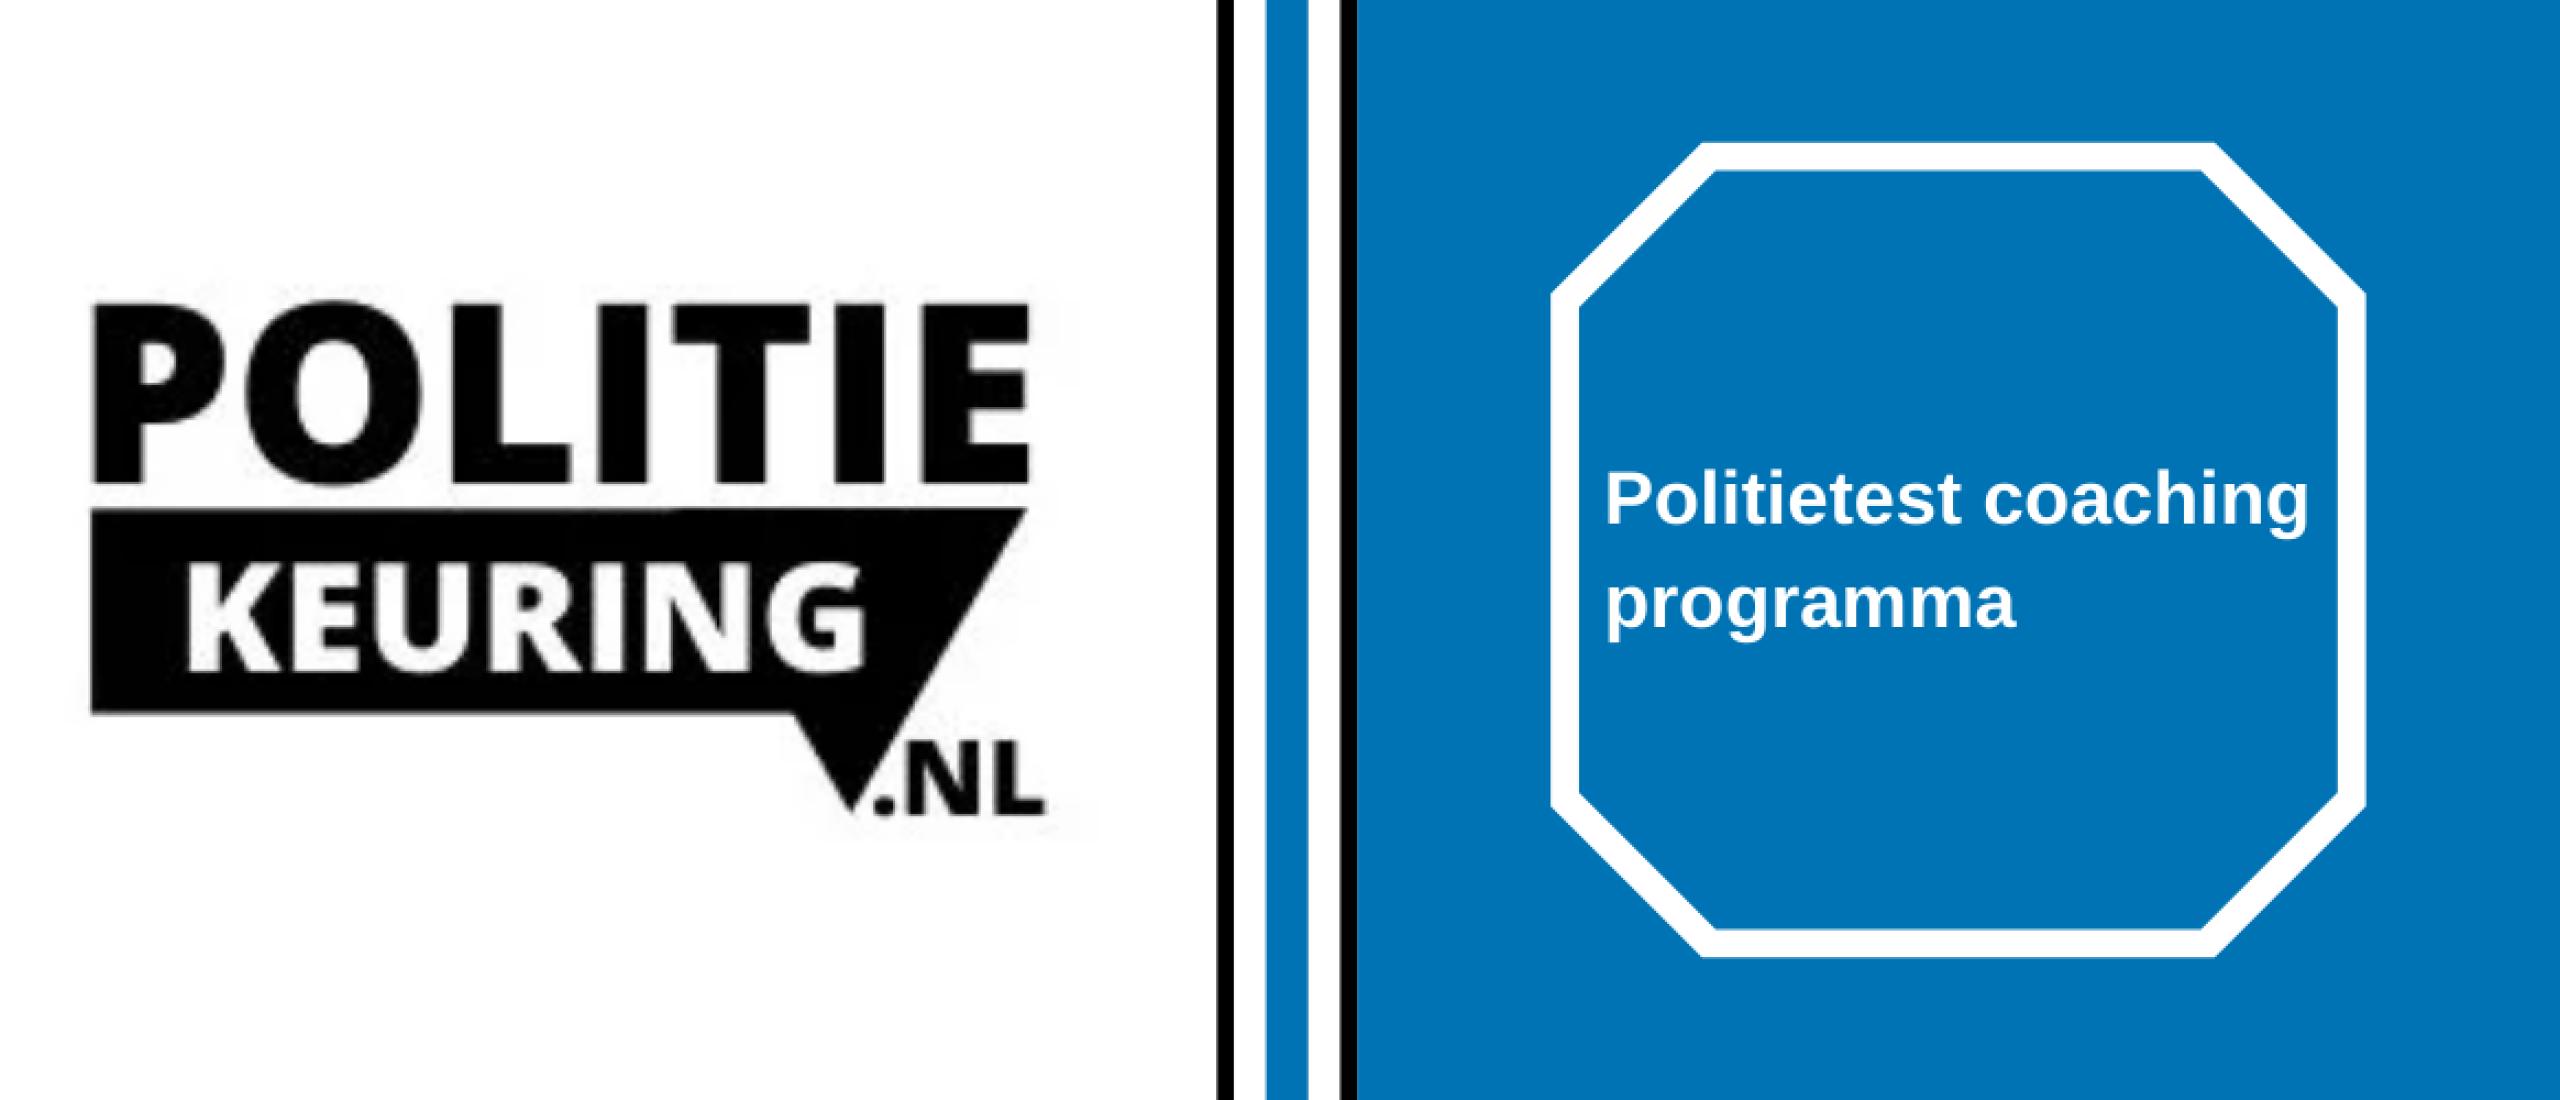 Politietest coaching programma | Bereid je Ultiem voor!